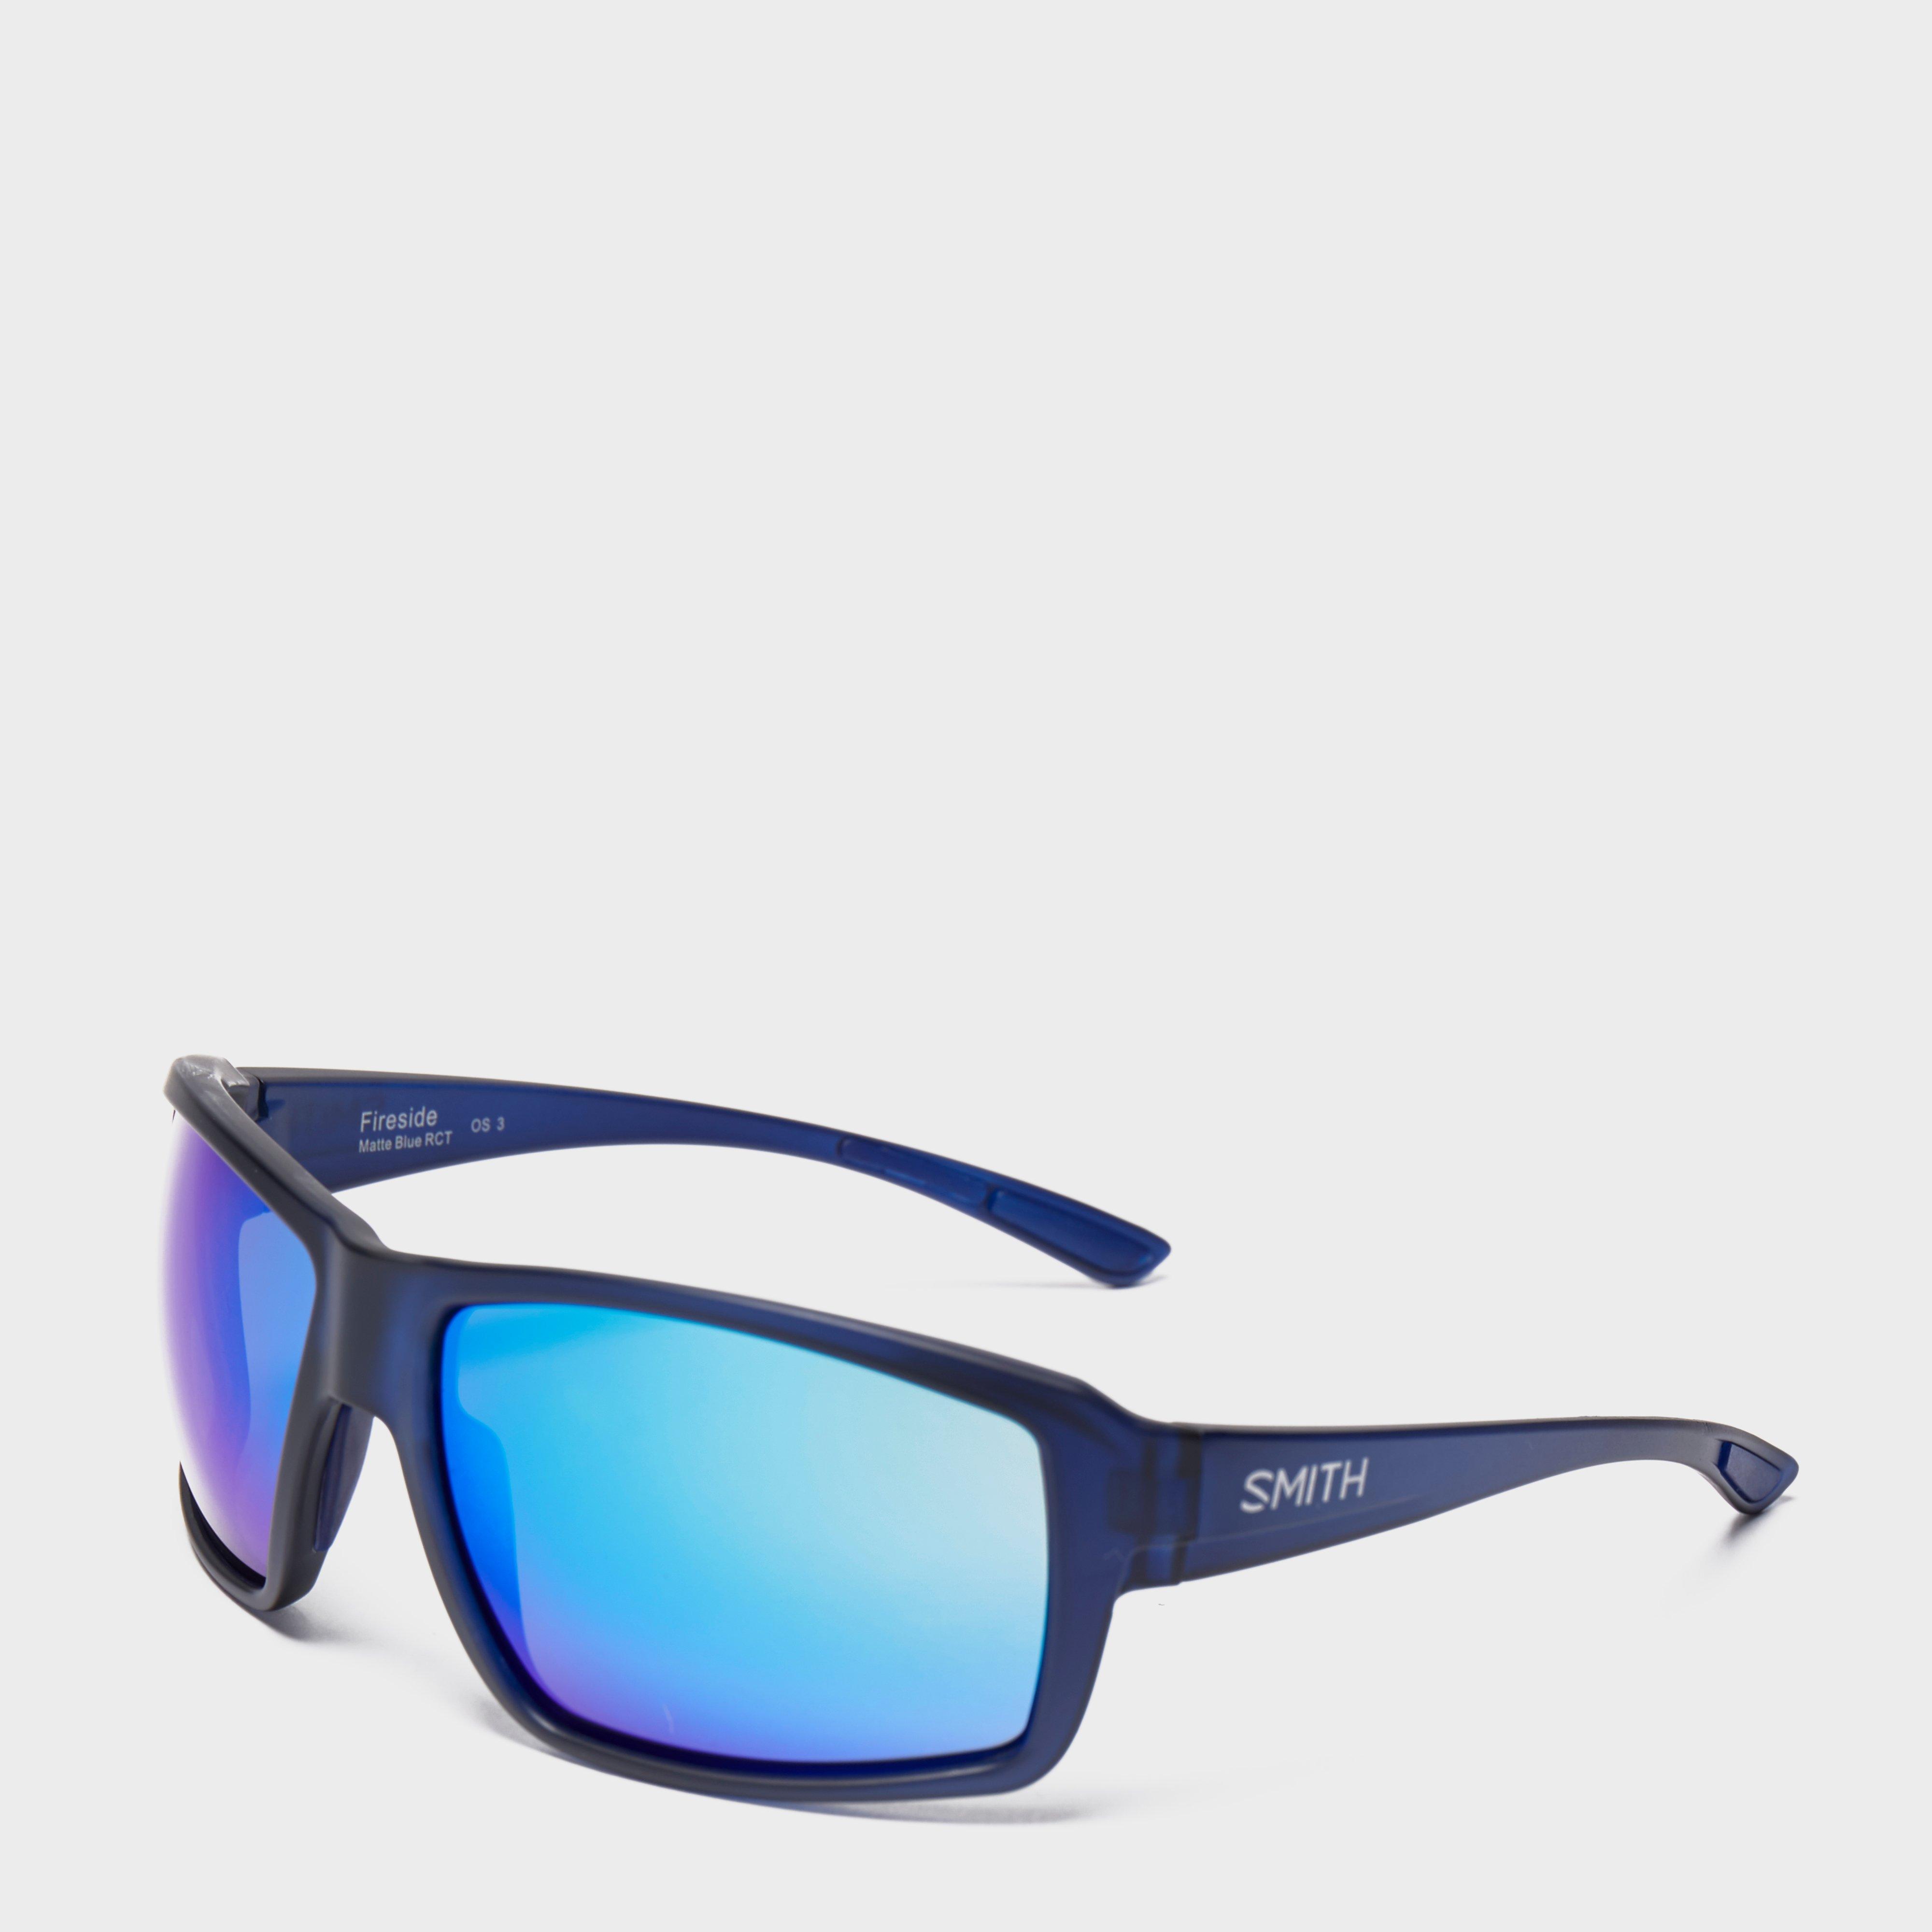 Smith Men's Fireside Sunglasses, Blue